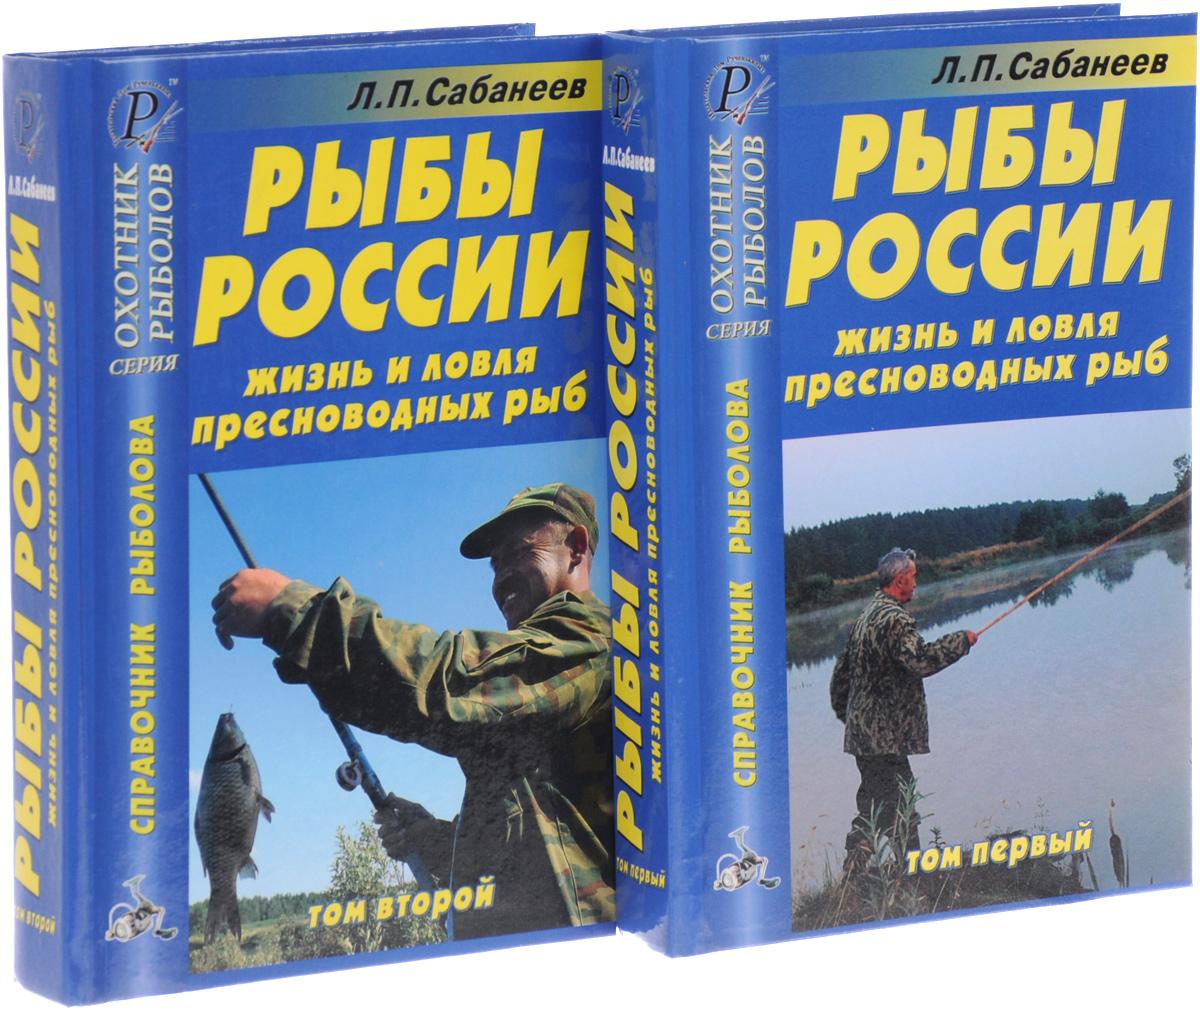 Рыбы России. Жизнь и ловля пресноводных рыб. В 2 томах (комплект)